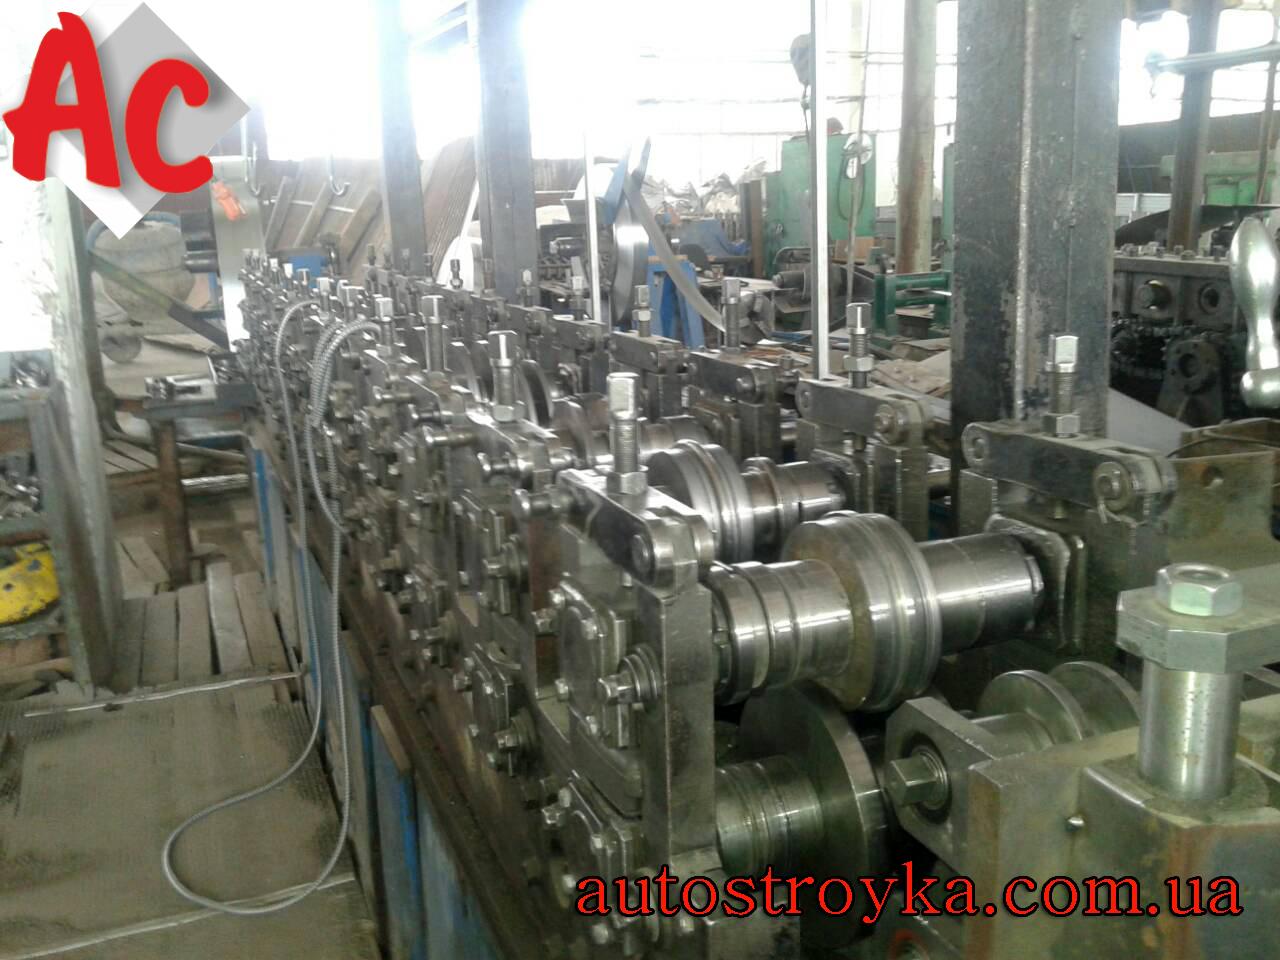 Производство рейка для сушильных печей кирпичных заводов ООО Автостройка